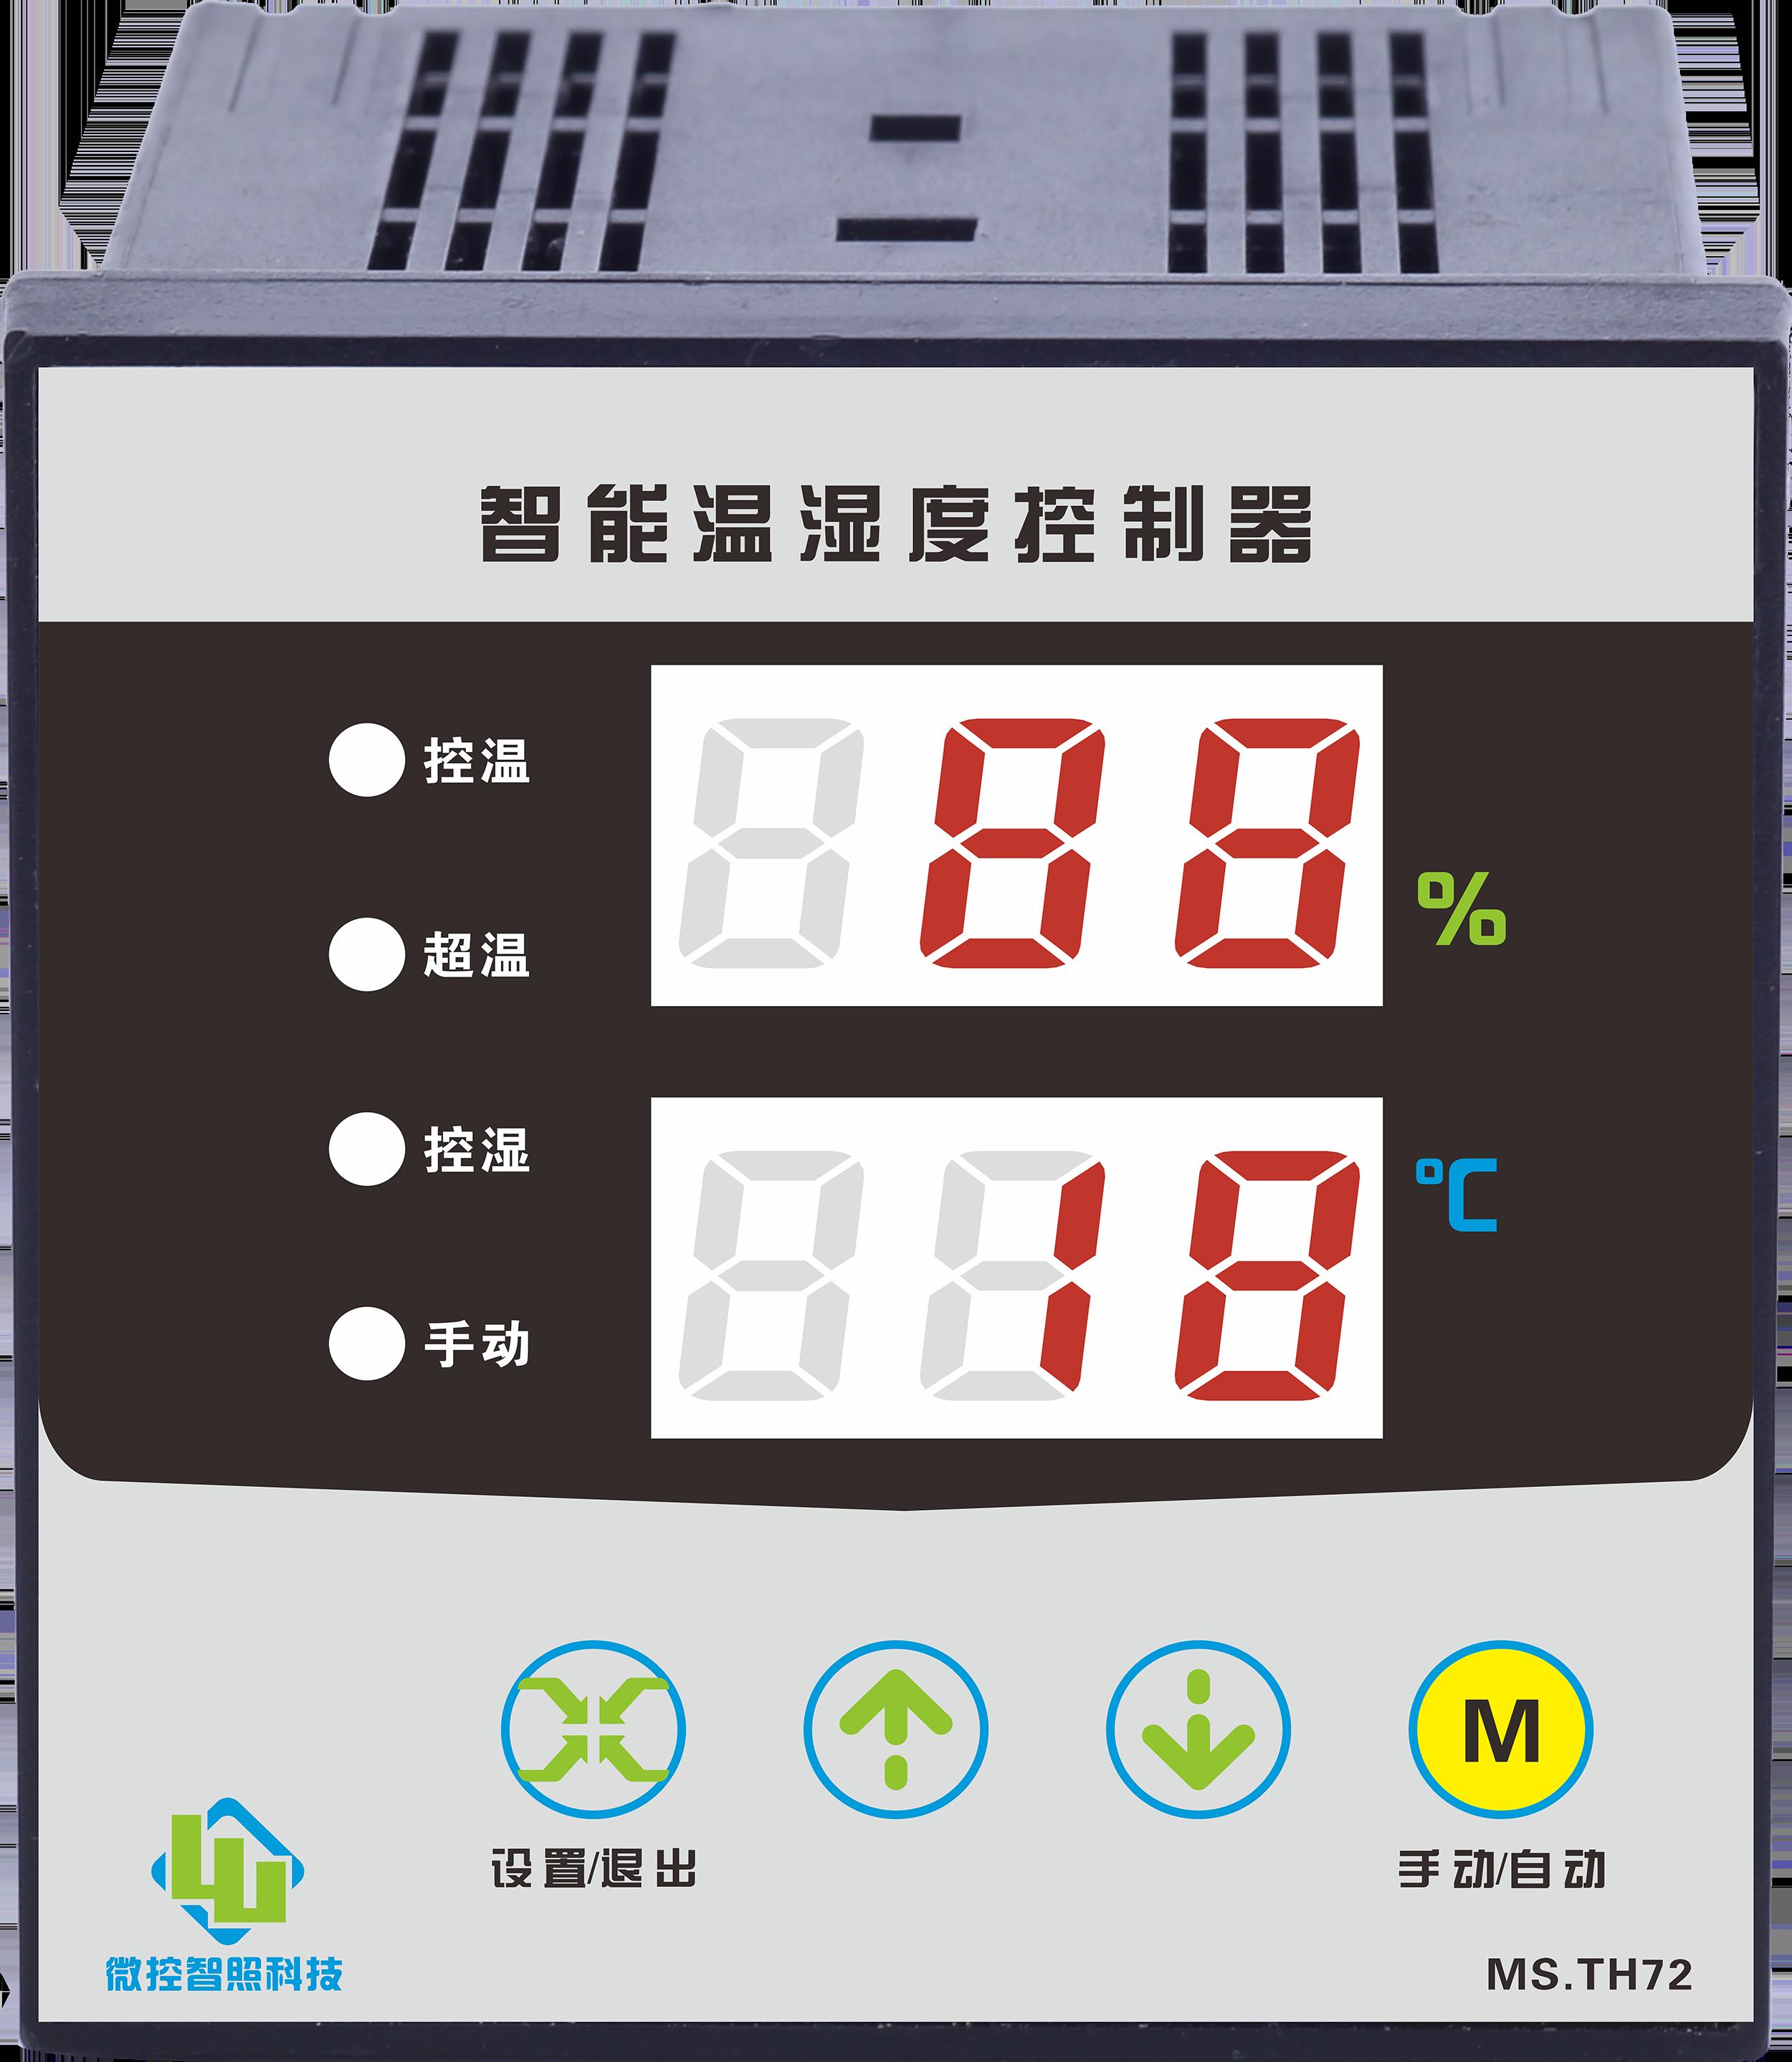 MS.TH72-CH 数显智能温湿度控制器